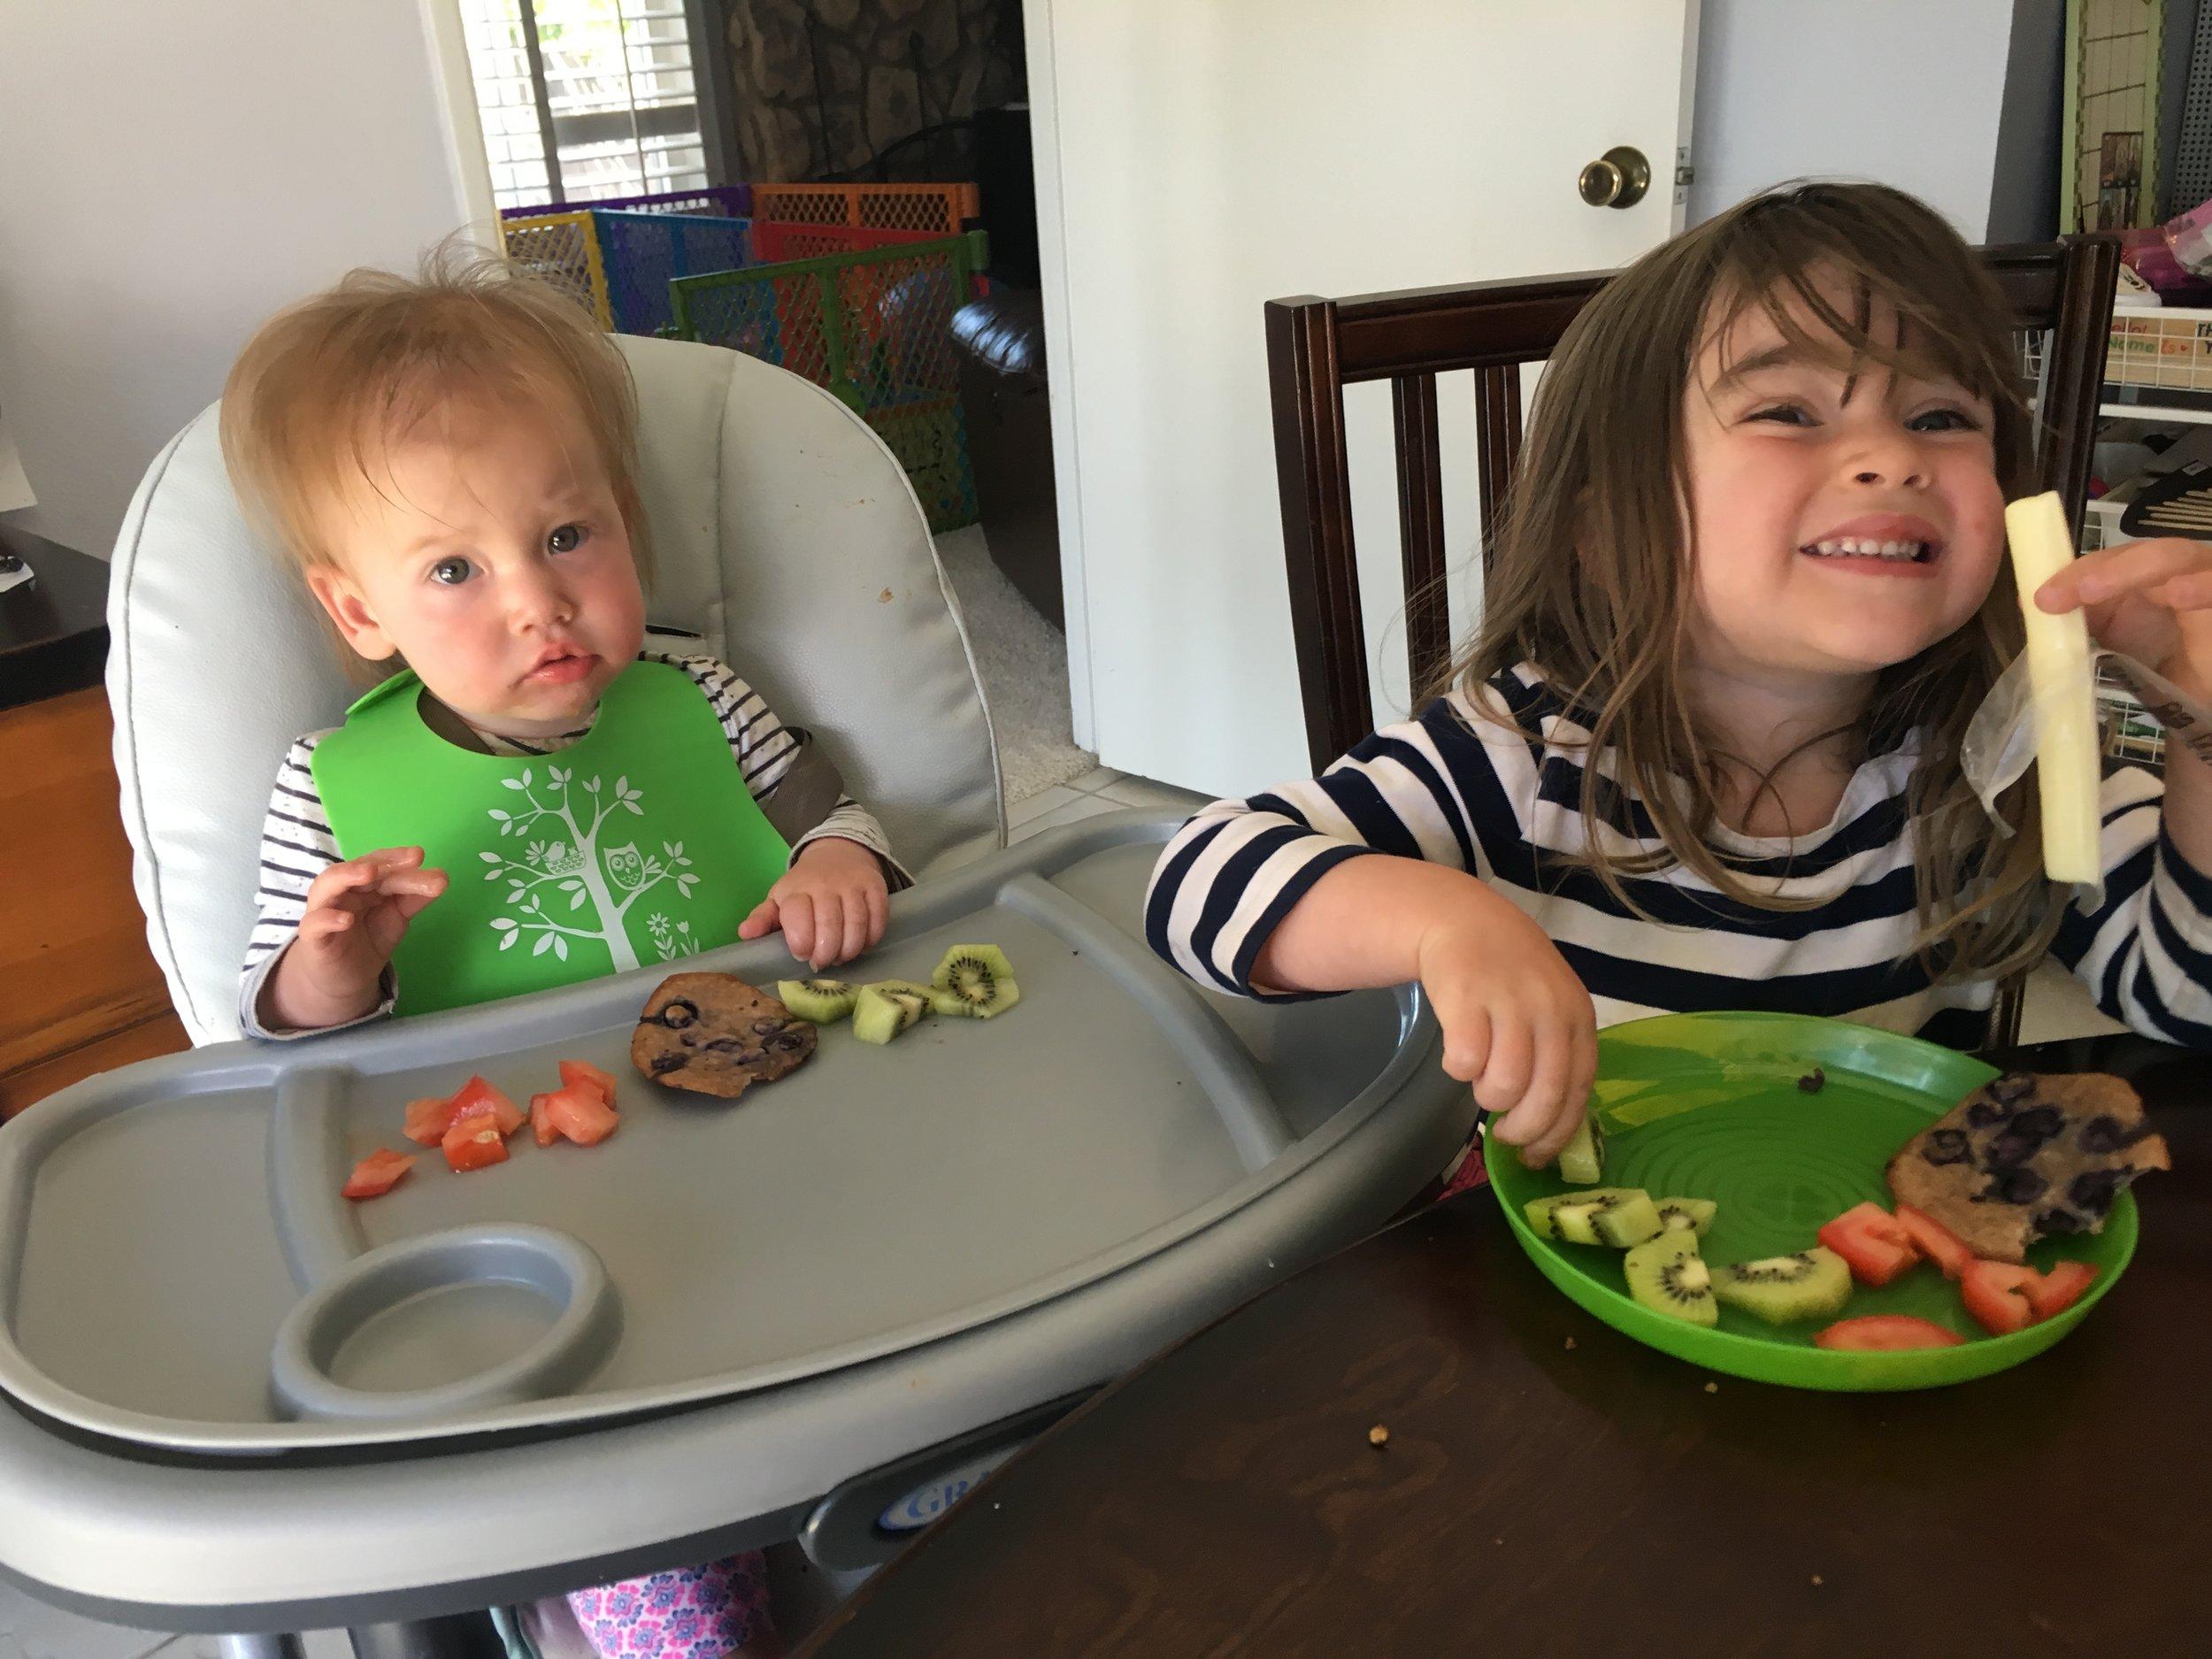 Alex, 1 year, and Sydney, 3.5 years, enjoying lunch.